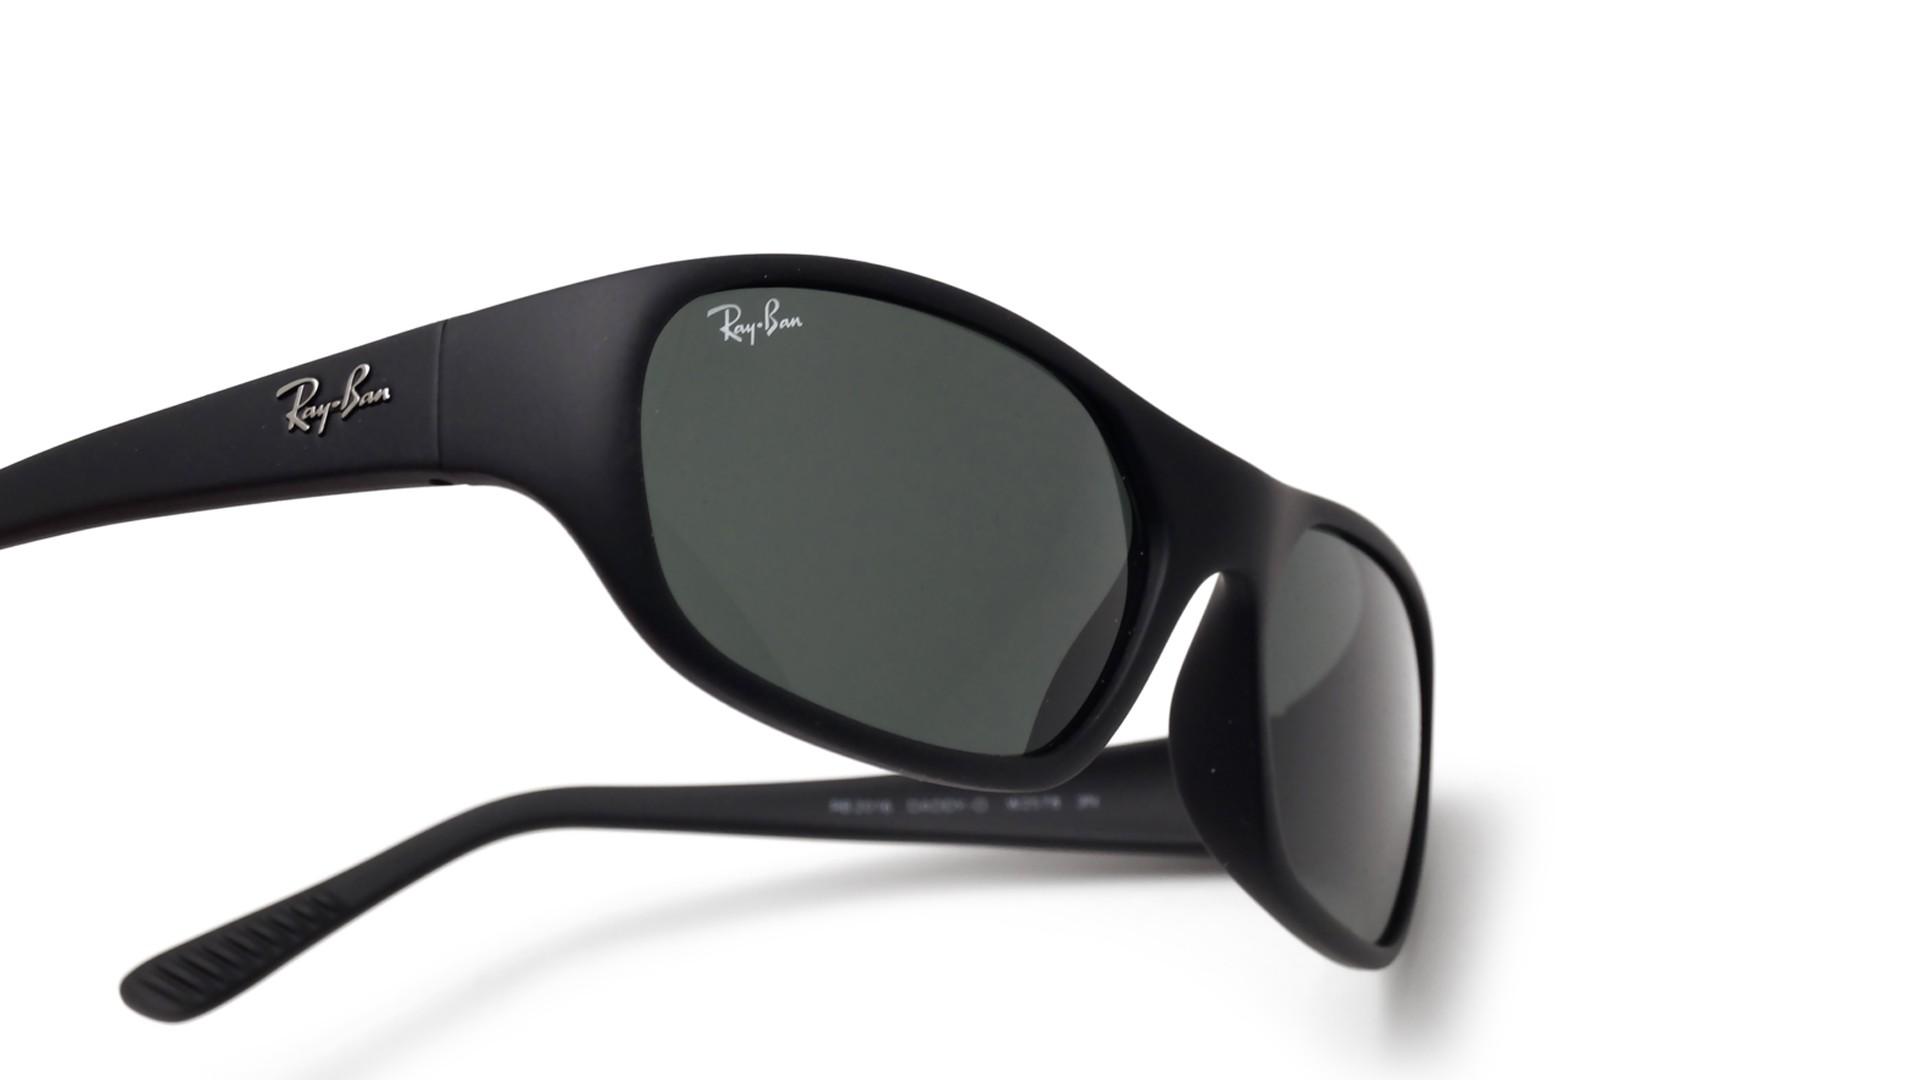 213905dbf33 Sunglasses Ray-Ban Daddy-o II Black Matte G-15 RB2016 W2578 59-170 Medium